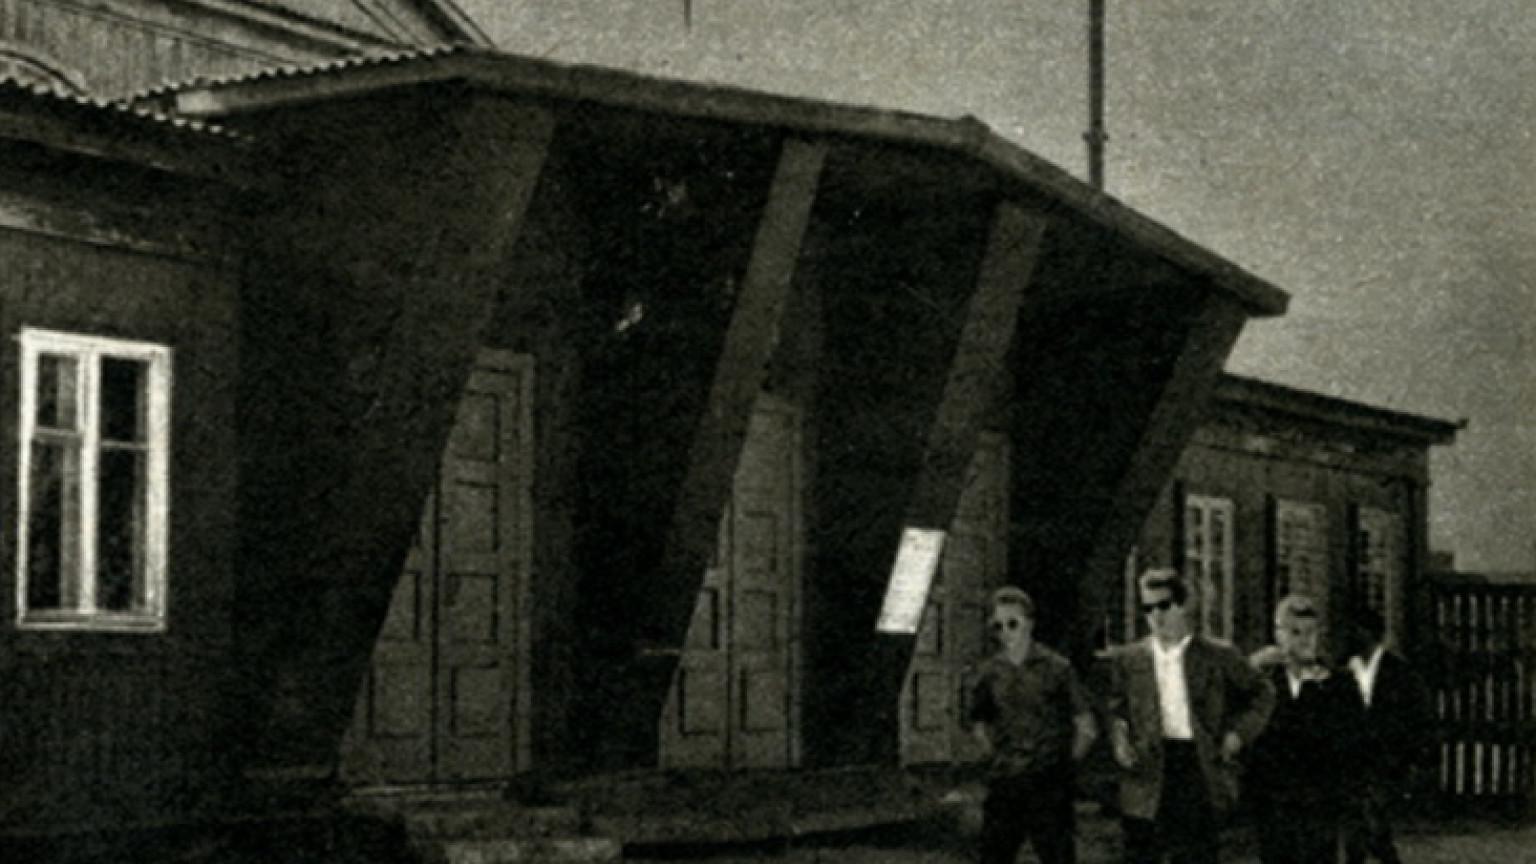 Zdjęcie dla kartki: Stodoła w środku Warszawy